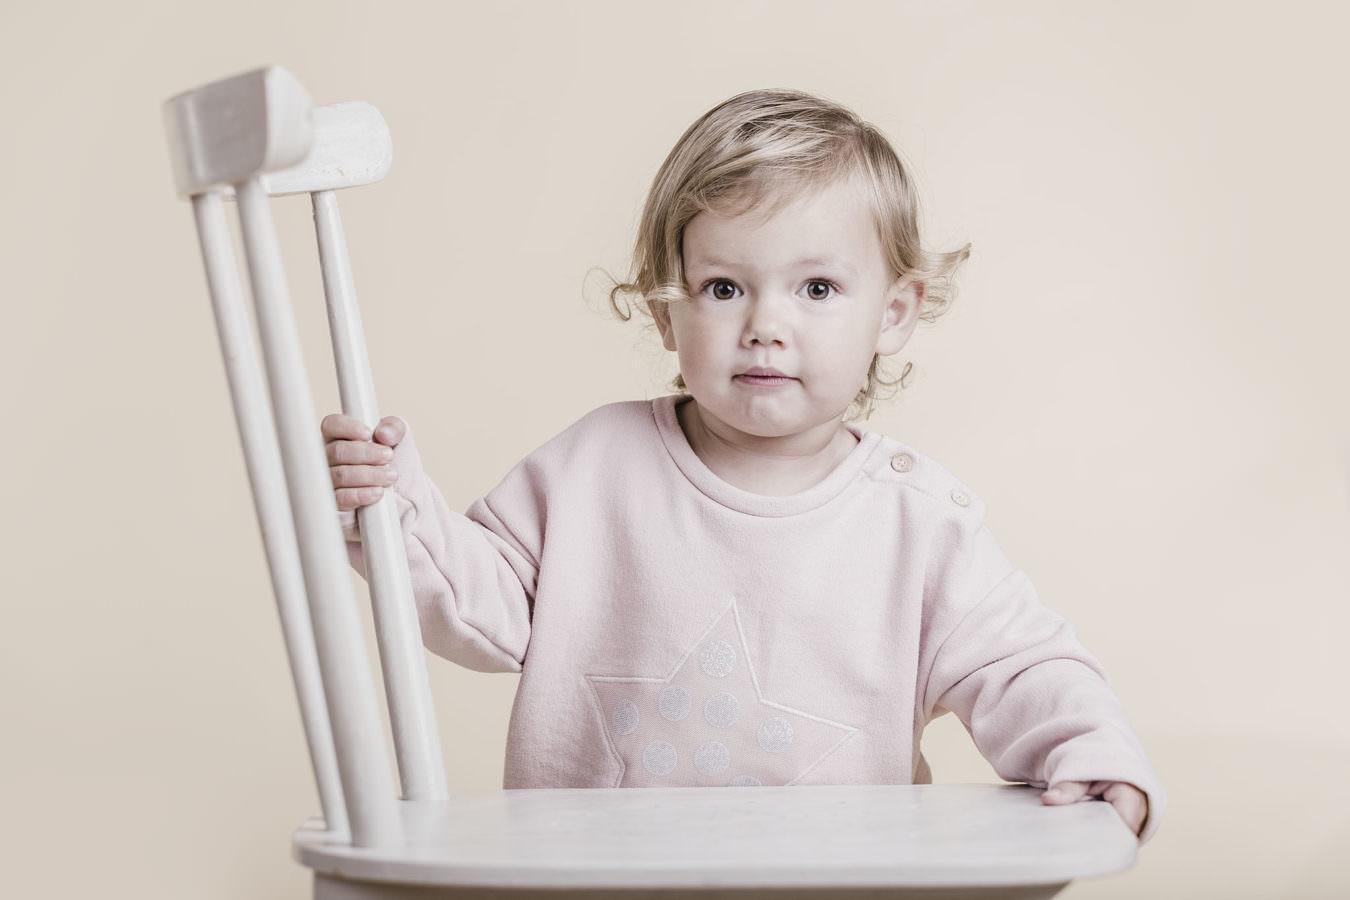 Kindergarten Fotoshooting mit einem kleinen Mädchen, das einen rosanen Pullover trägt